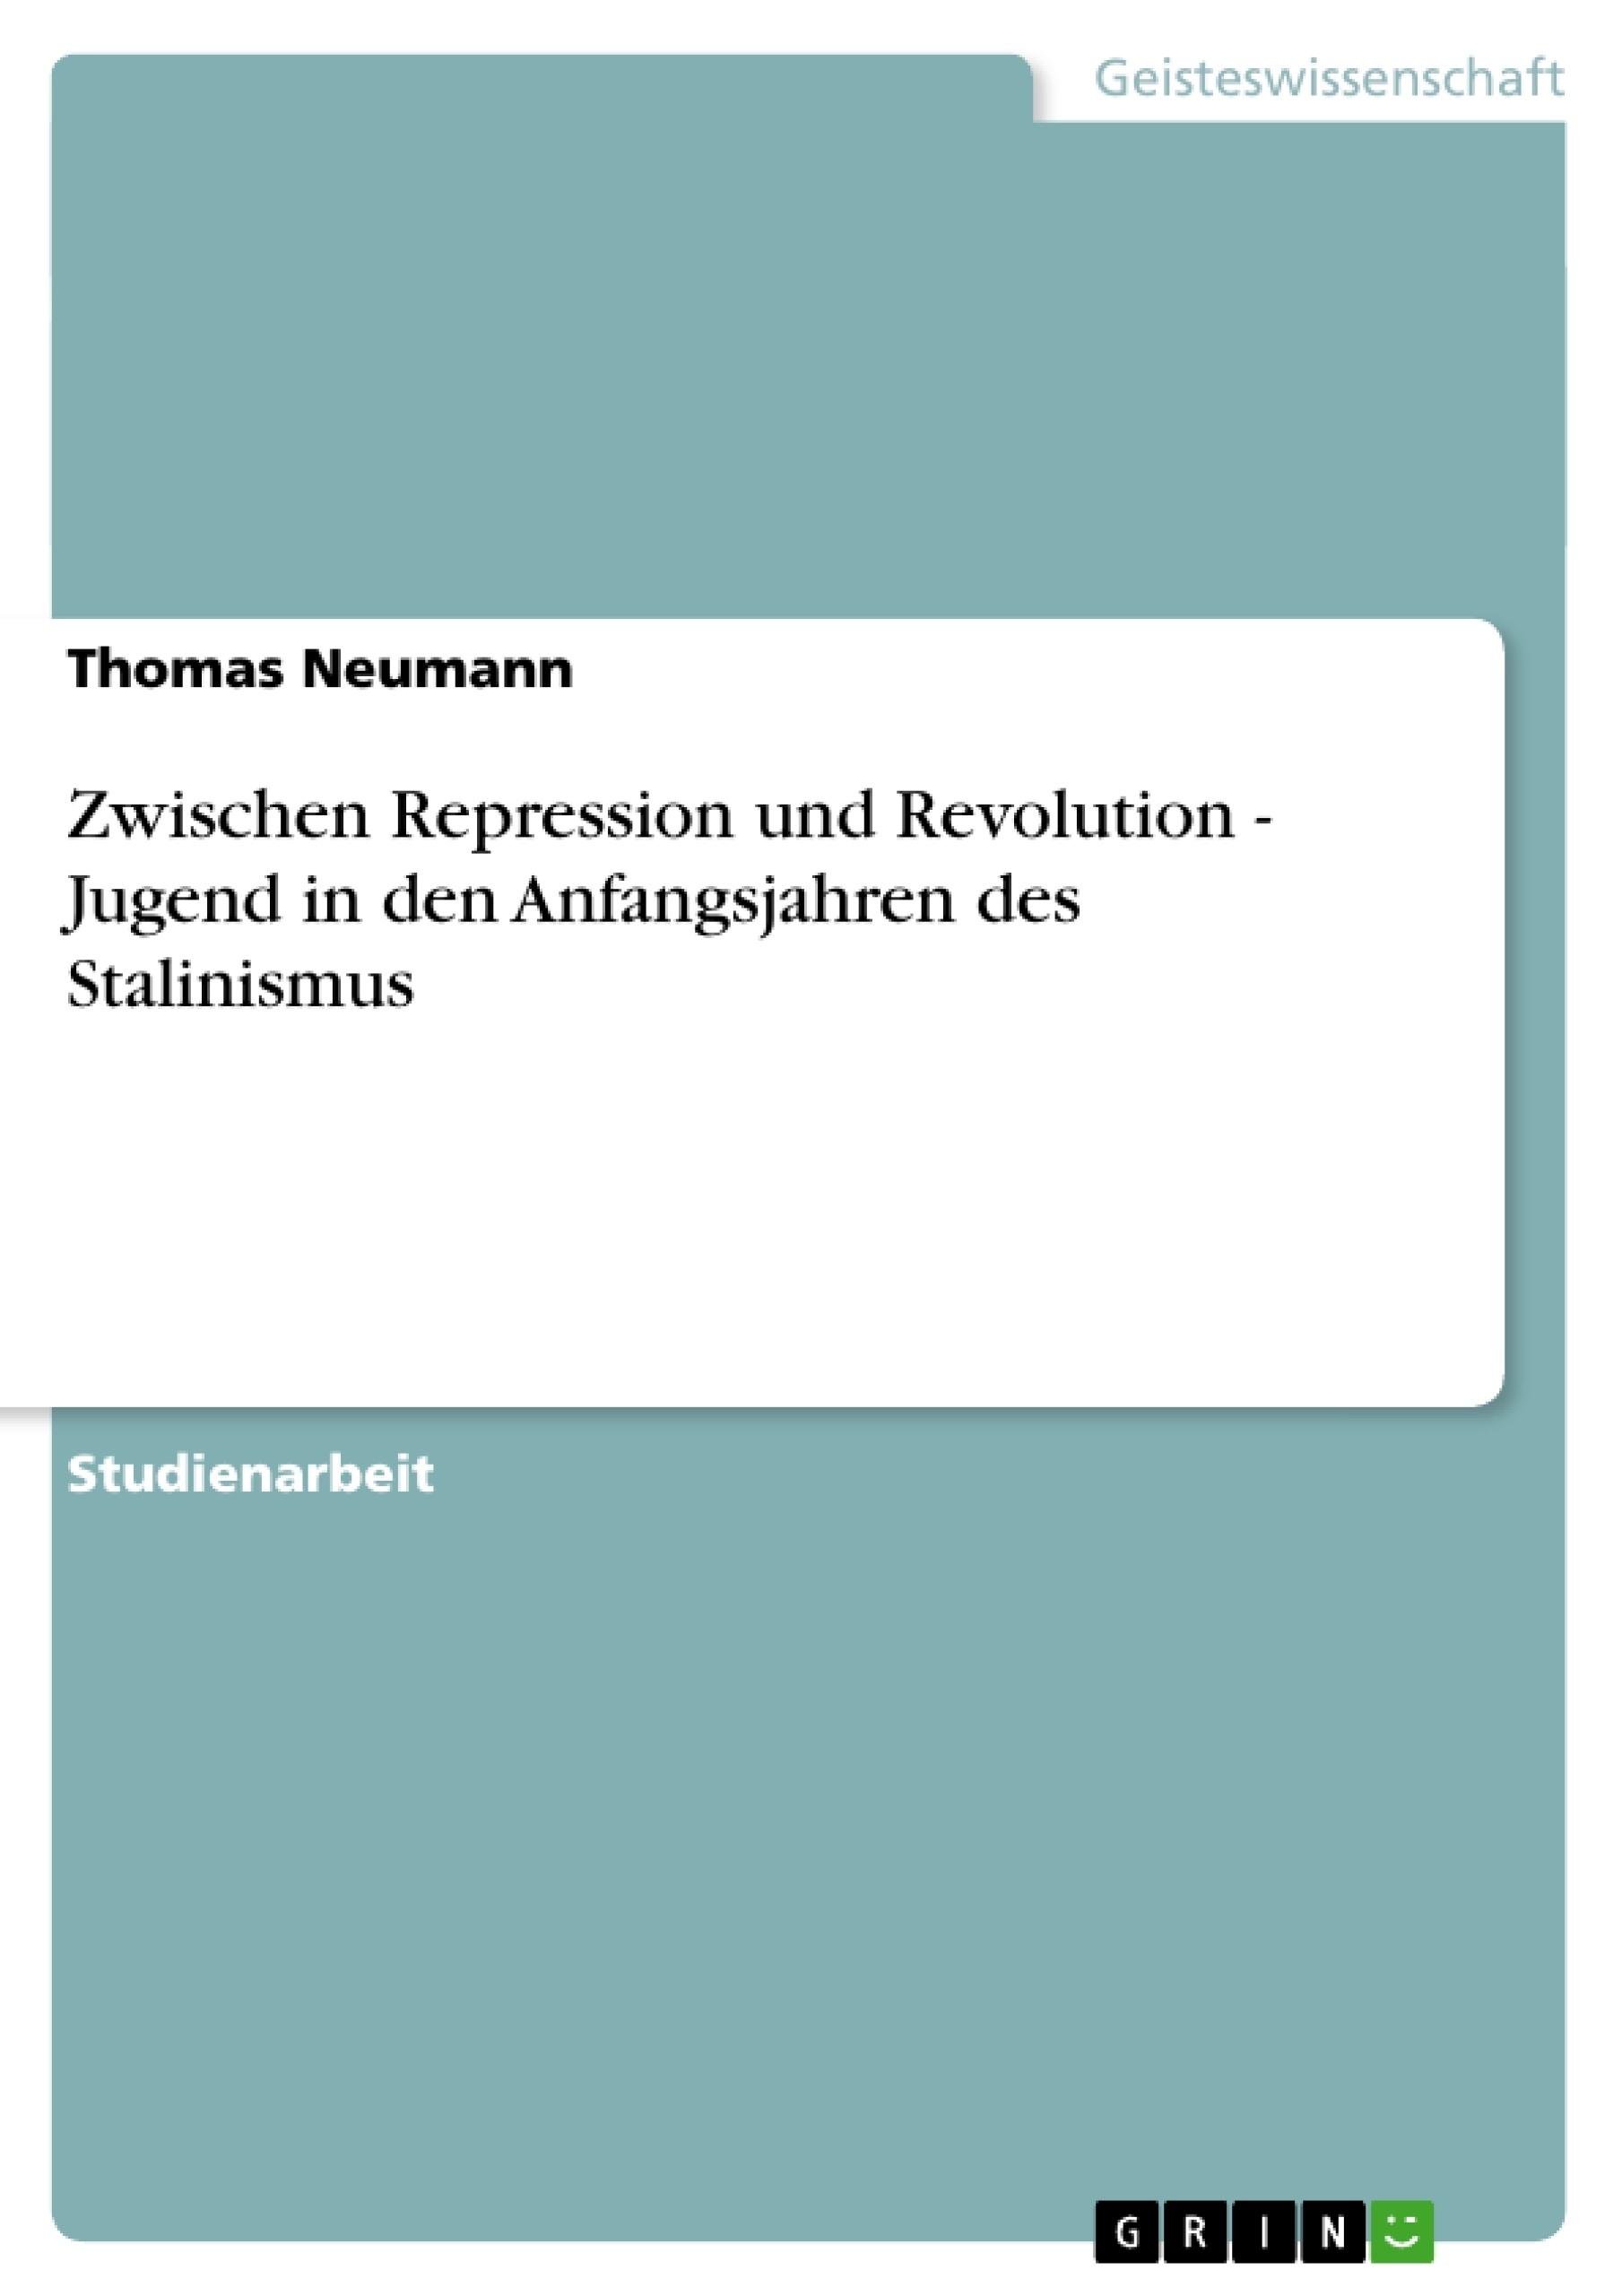 Titel: Zwischen Repression und Revolution - Jugend in den Anfangsjahren des Stalinismus